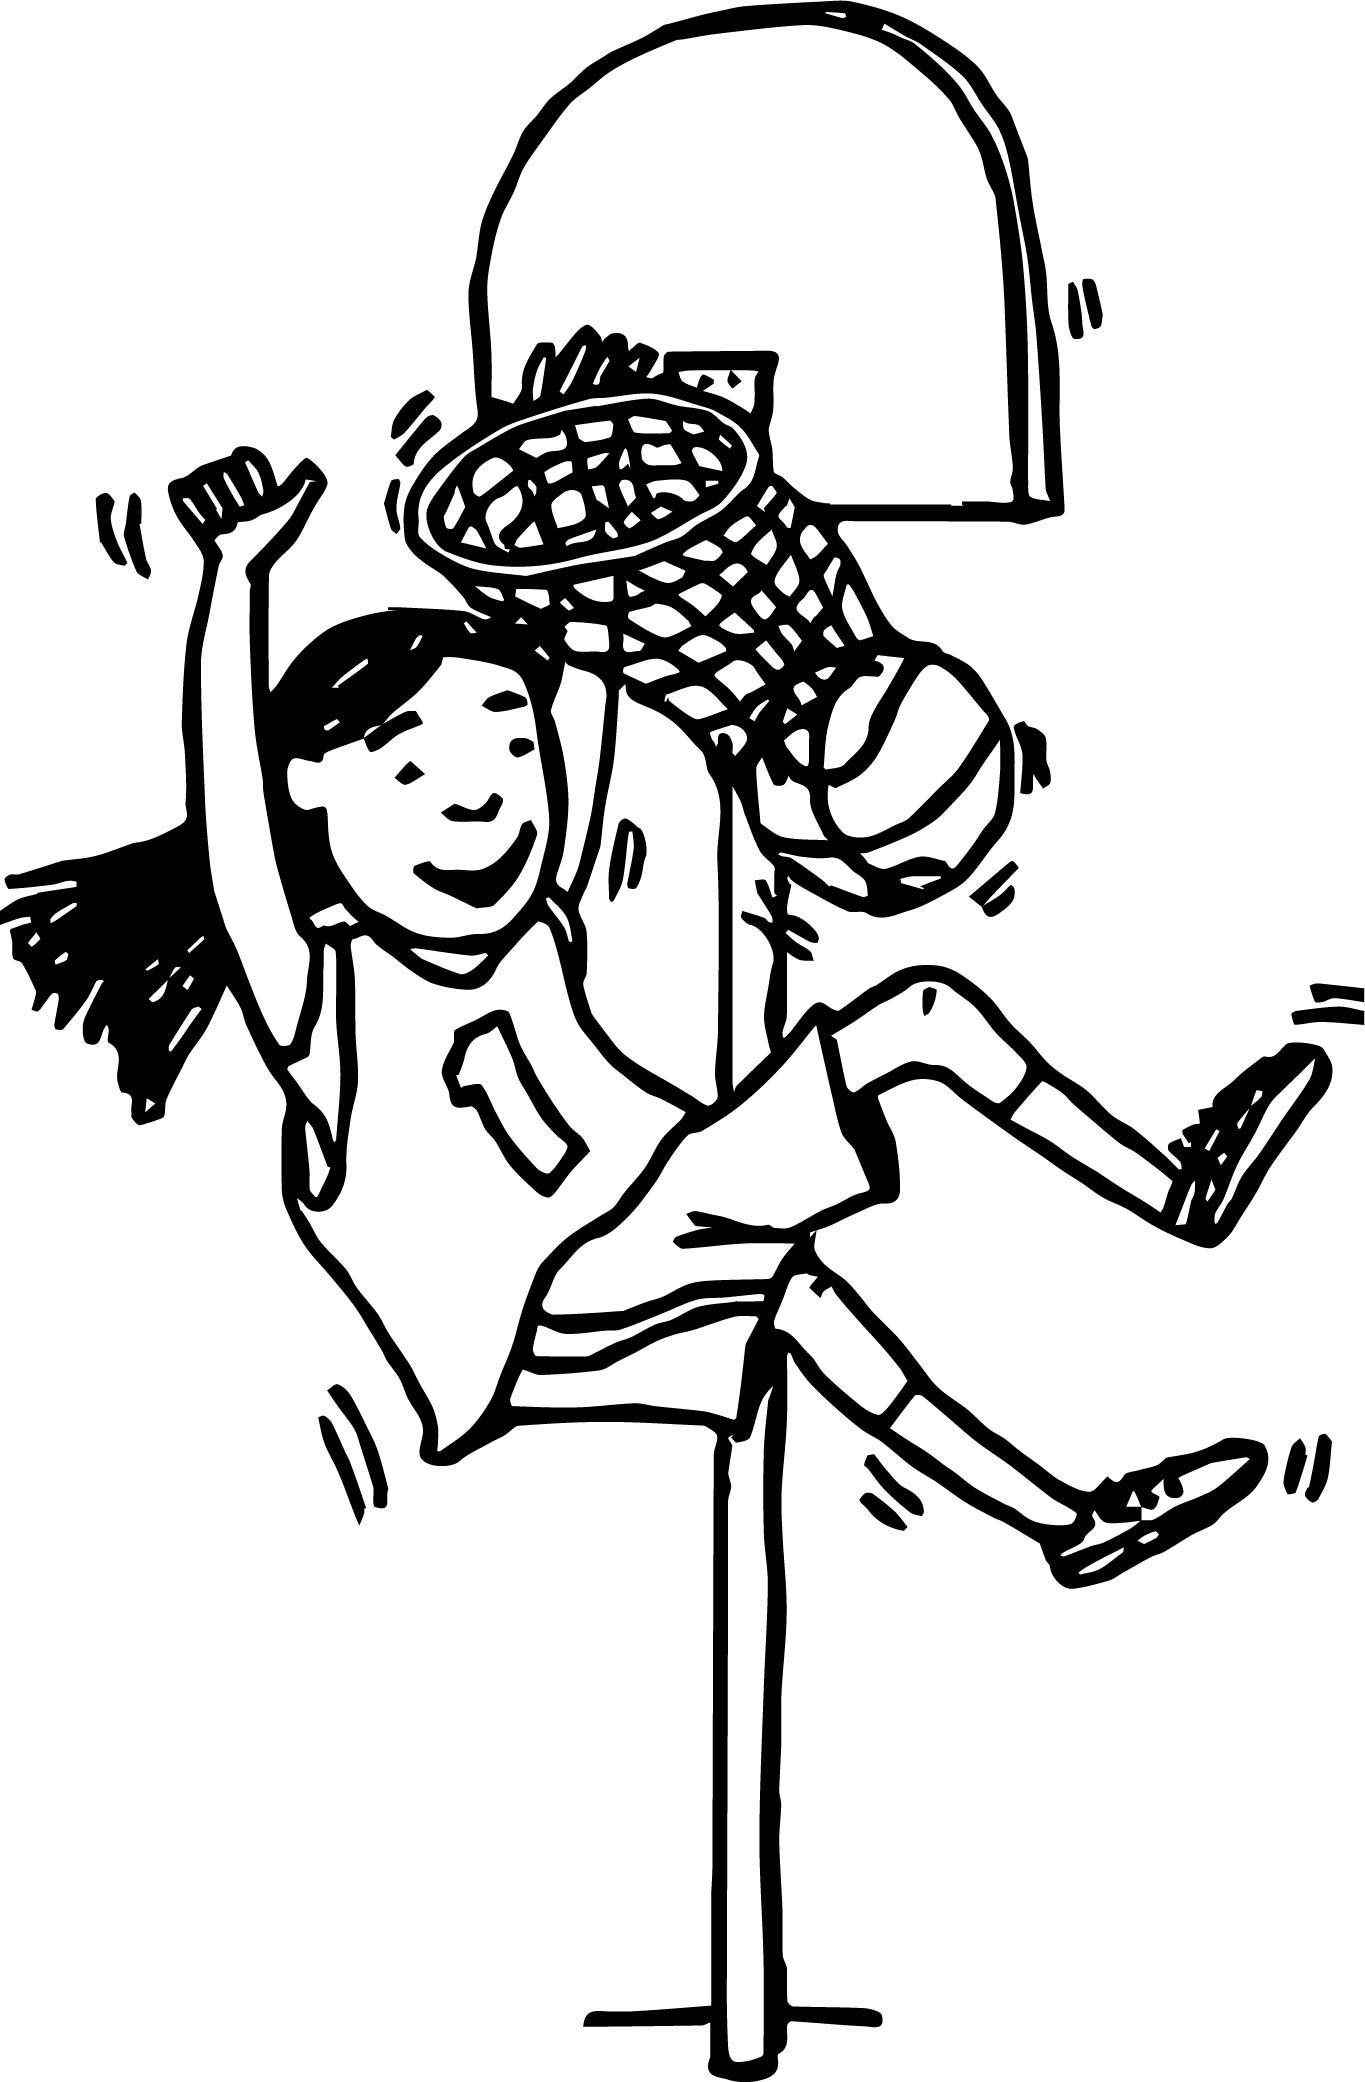 Girl Basketball Player Playing Basketball Throw A Basket